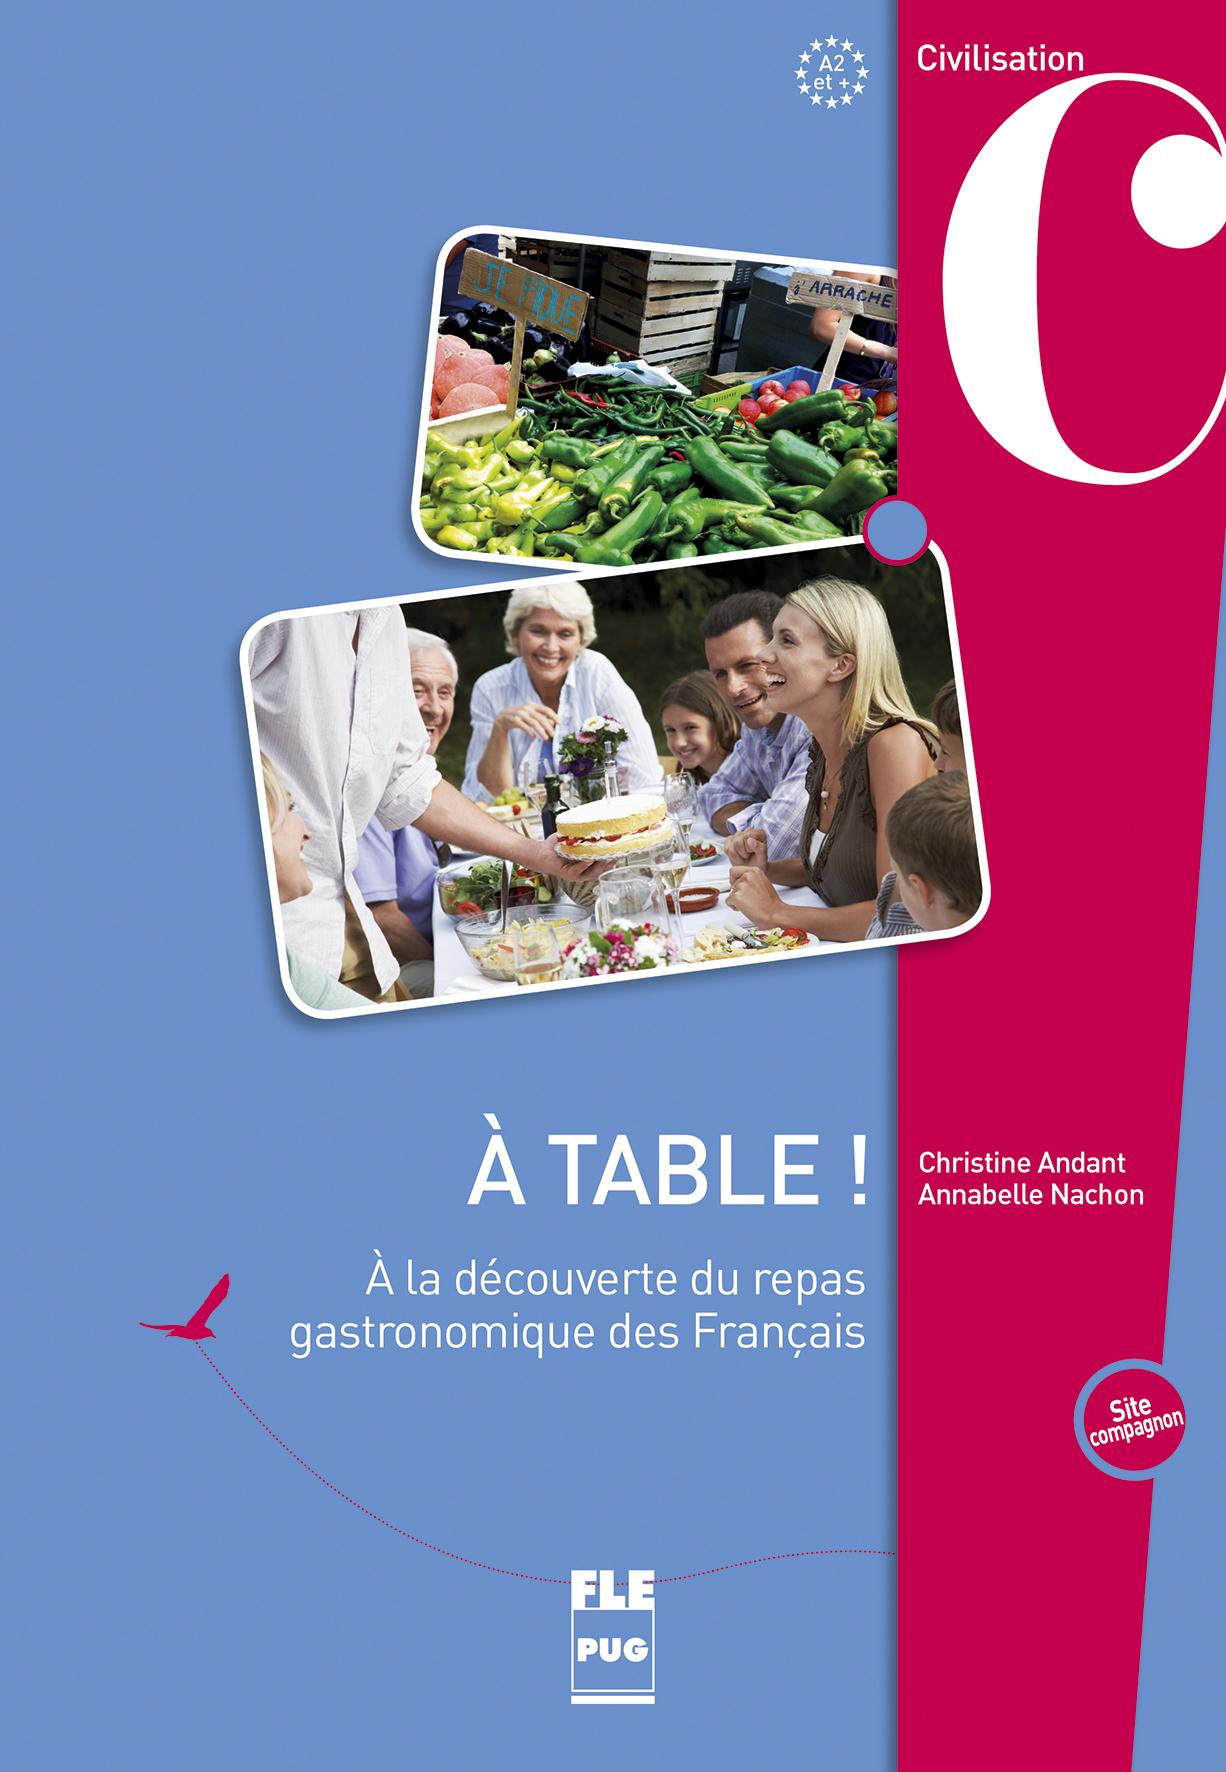 a table   a2 et   - a la d u00e9couverte du repas gastronomique des fran u00e7ais